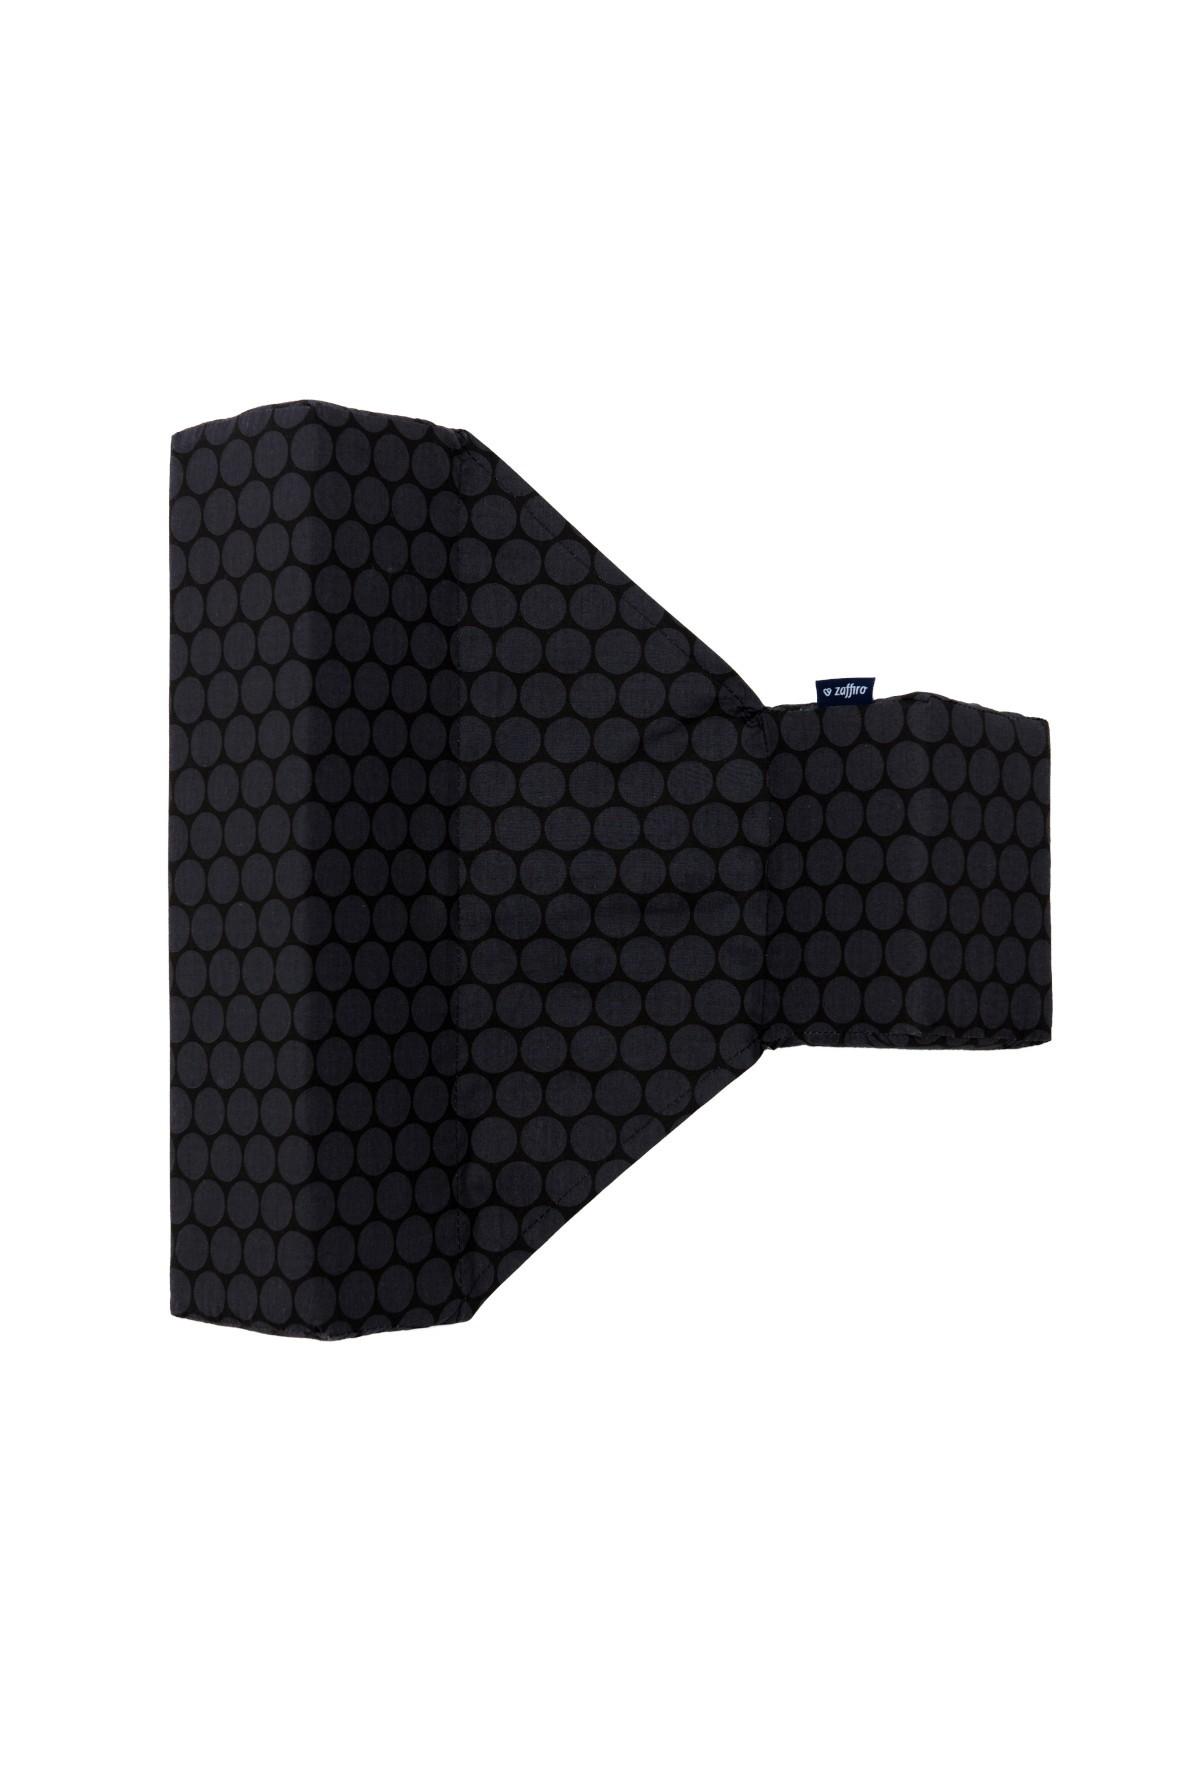 Ogranicznik trójkątny bawełna grochy grafitowo-czarne